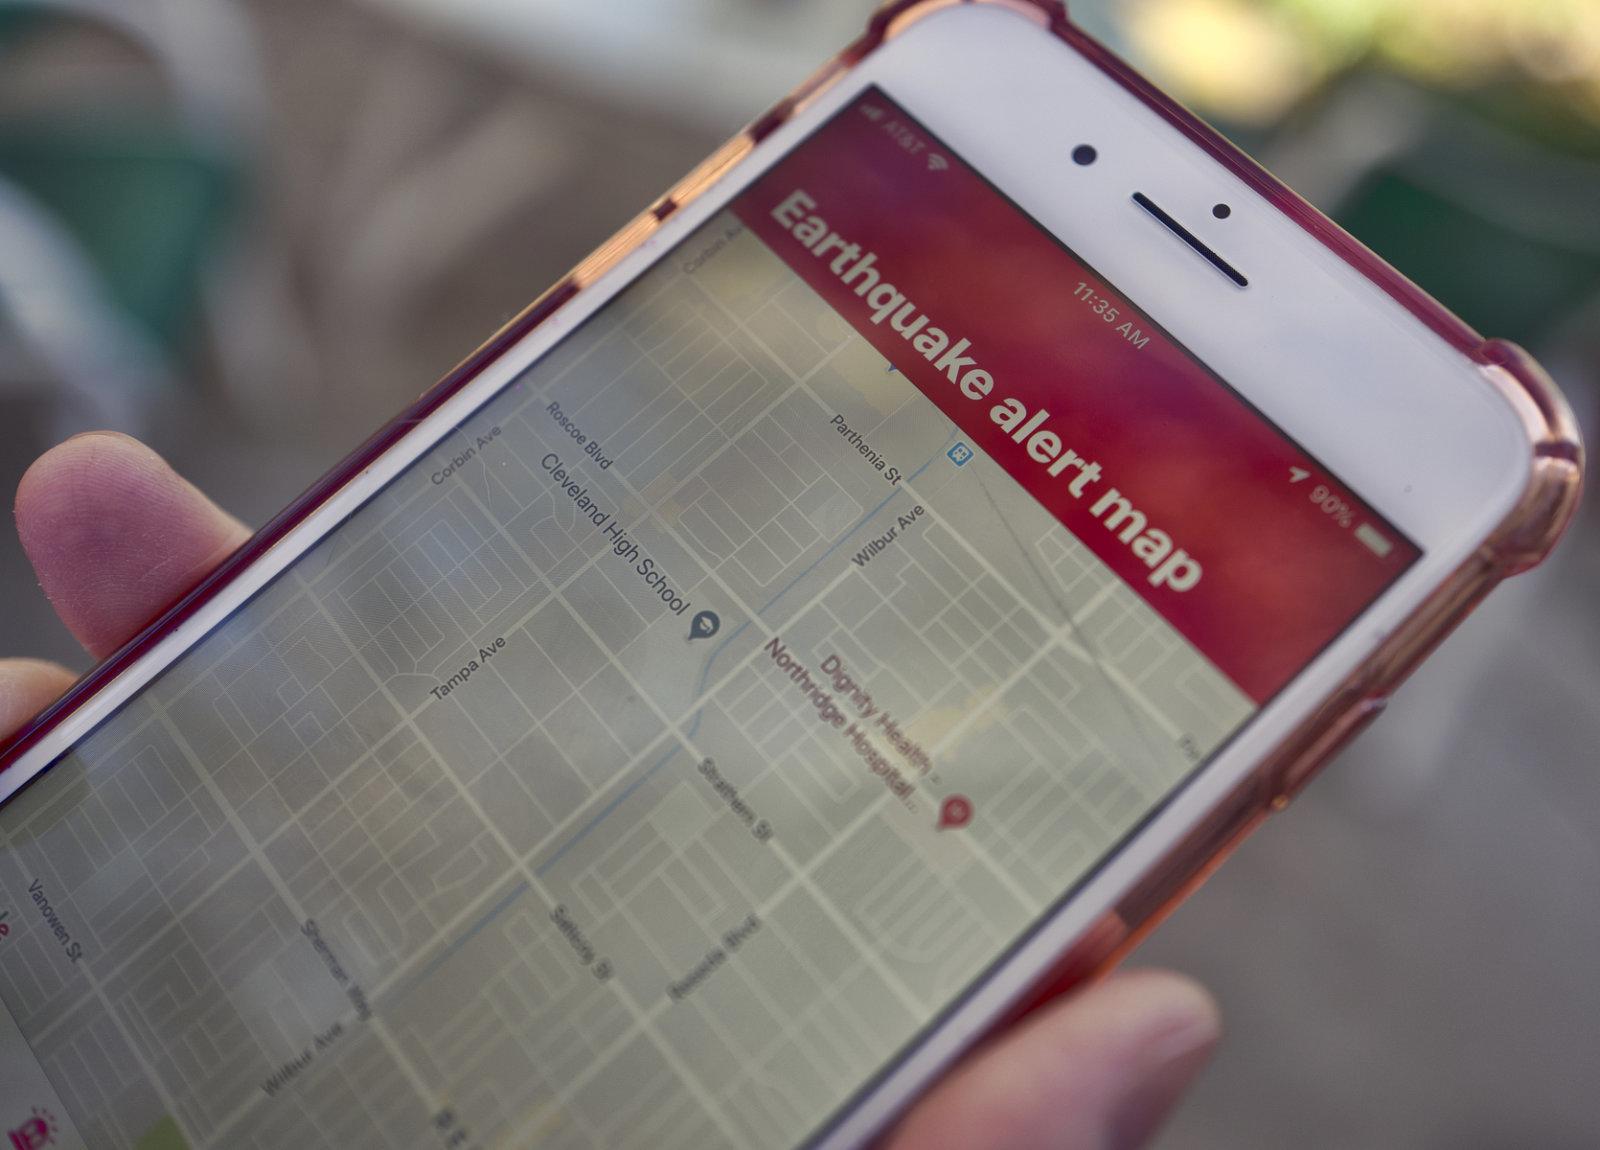 Kaliforniak lurrikararen alarma sistema jarri zuen abian